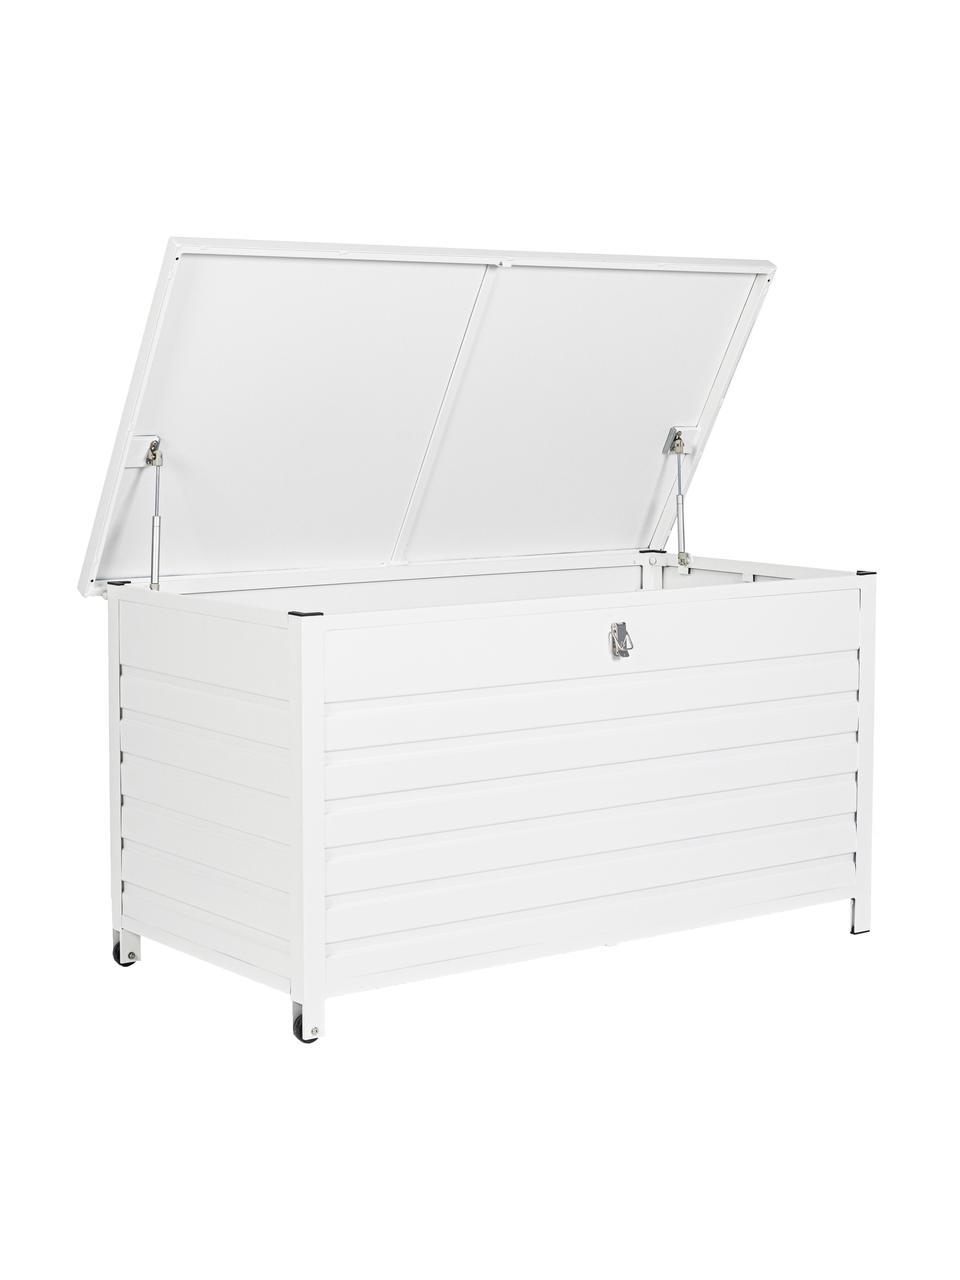 Opbergkist Atlantic in wit met wieltjes, Frame: gepoedercoat aluminium, Wieltjes: kunststof, Wit, 141 x 74 cm